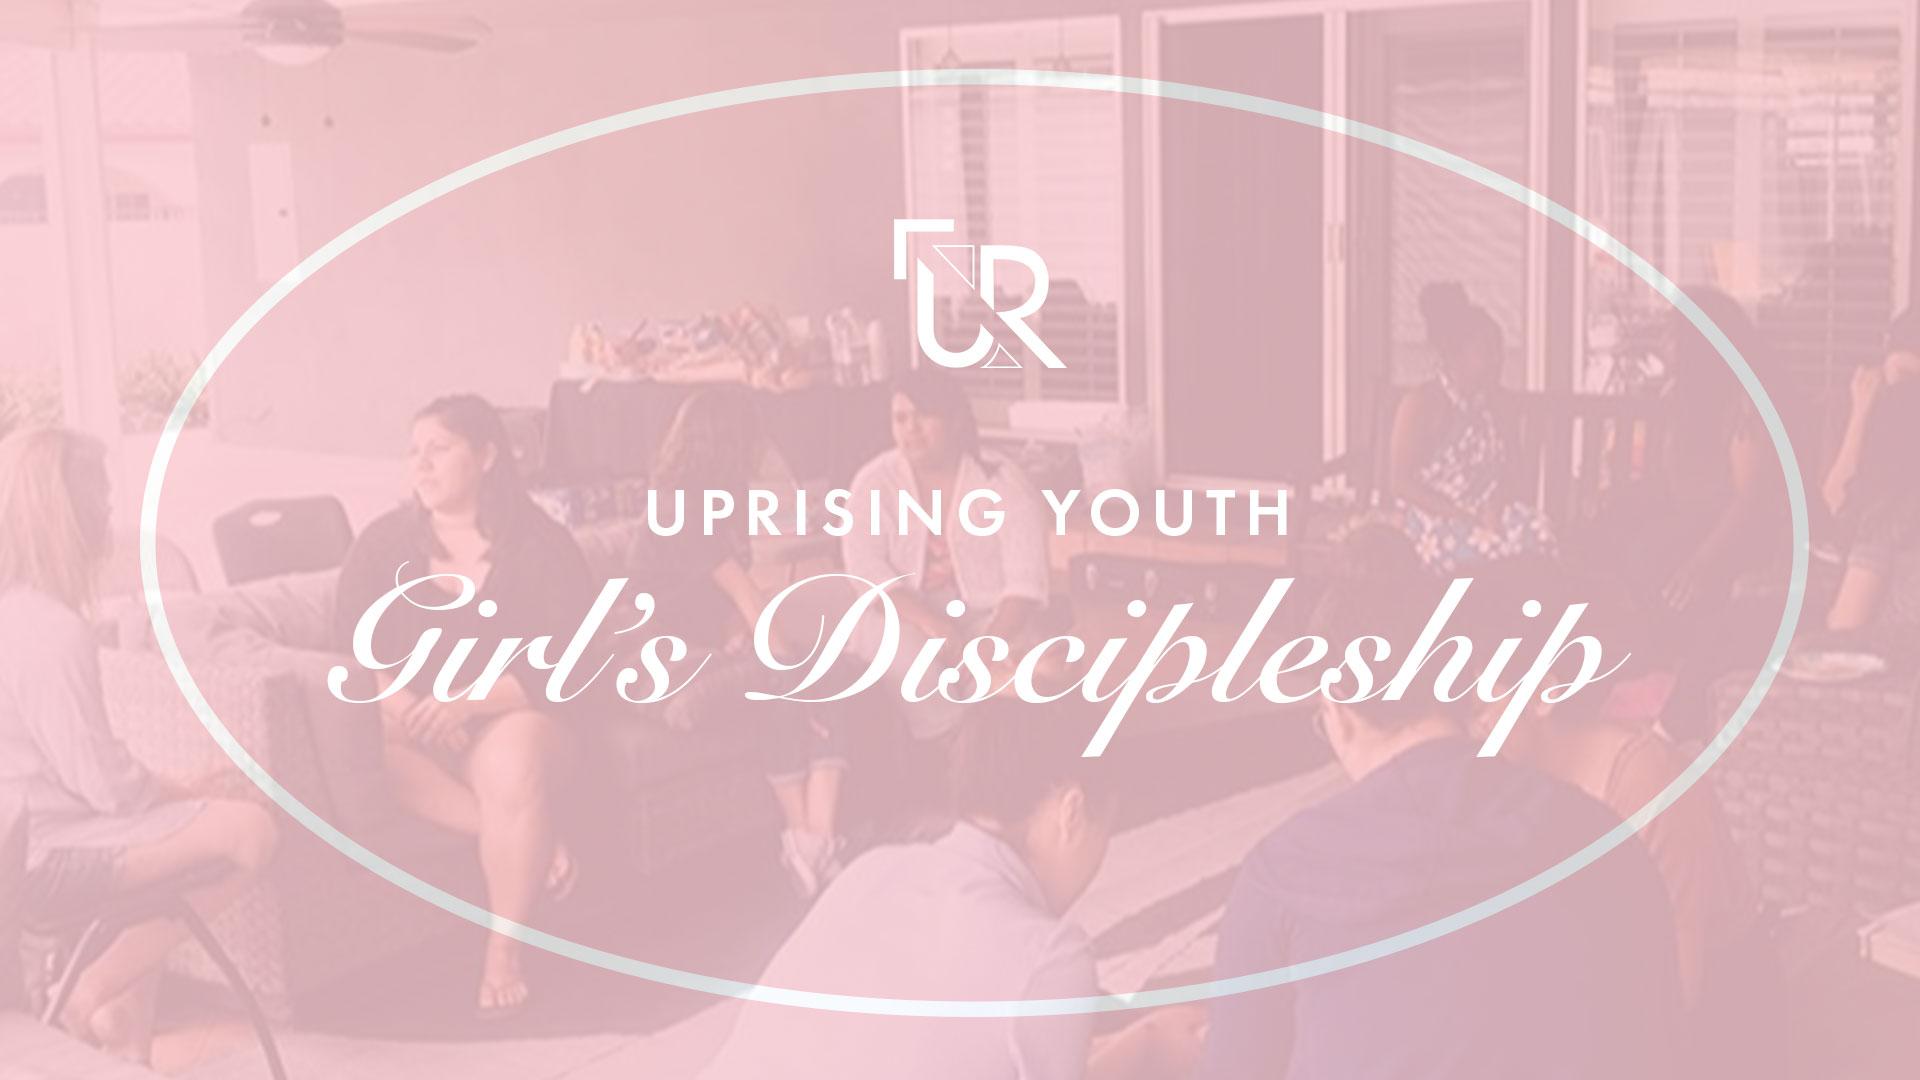 GIRLS-DISCIPLESHIP-BANNER-1.jpg